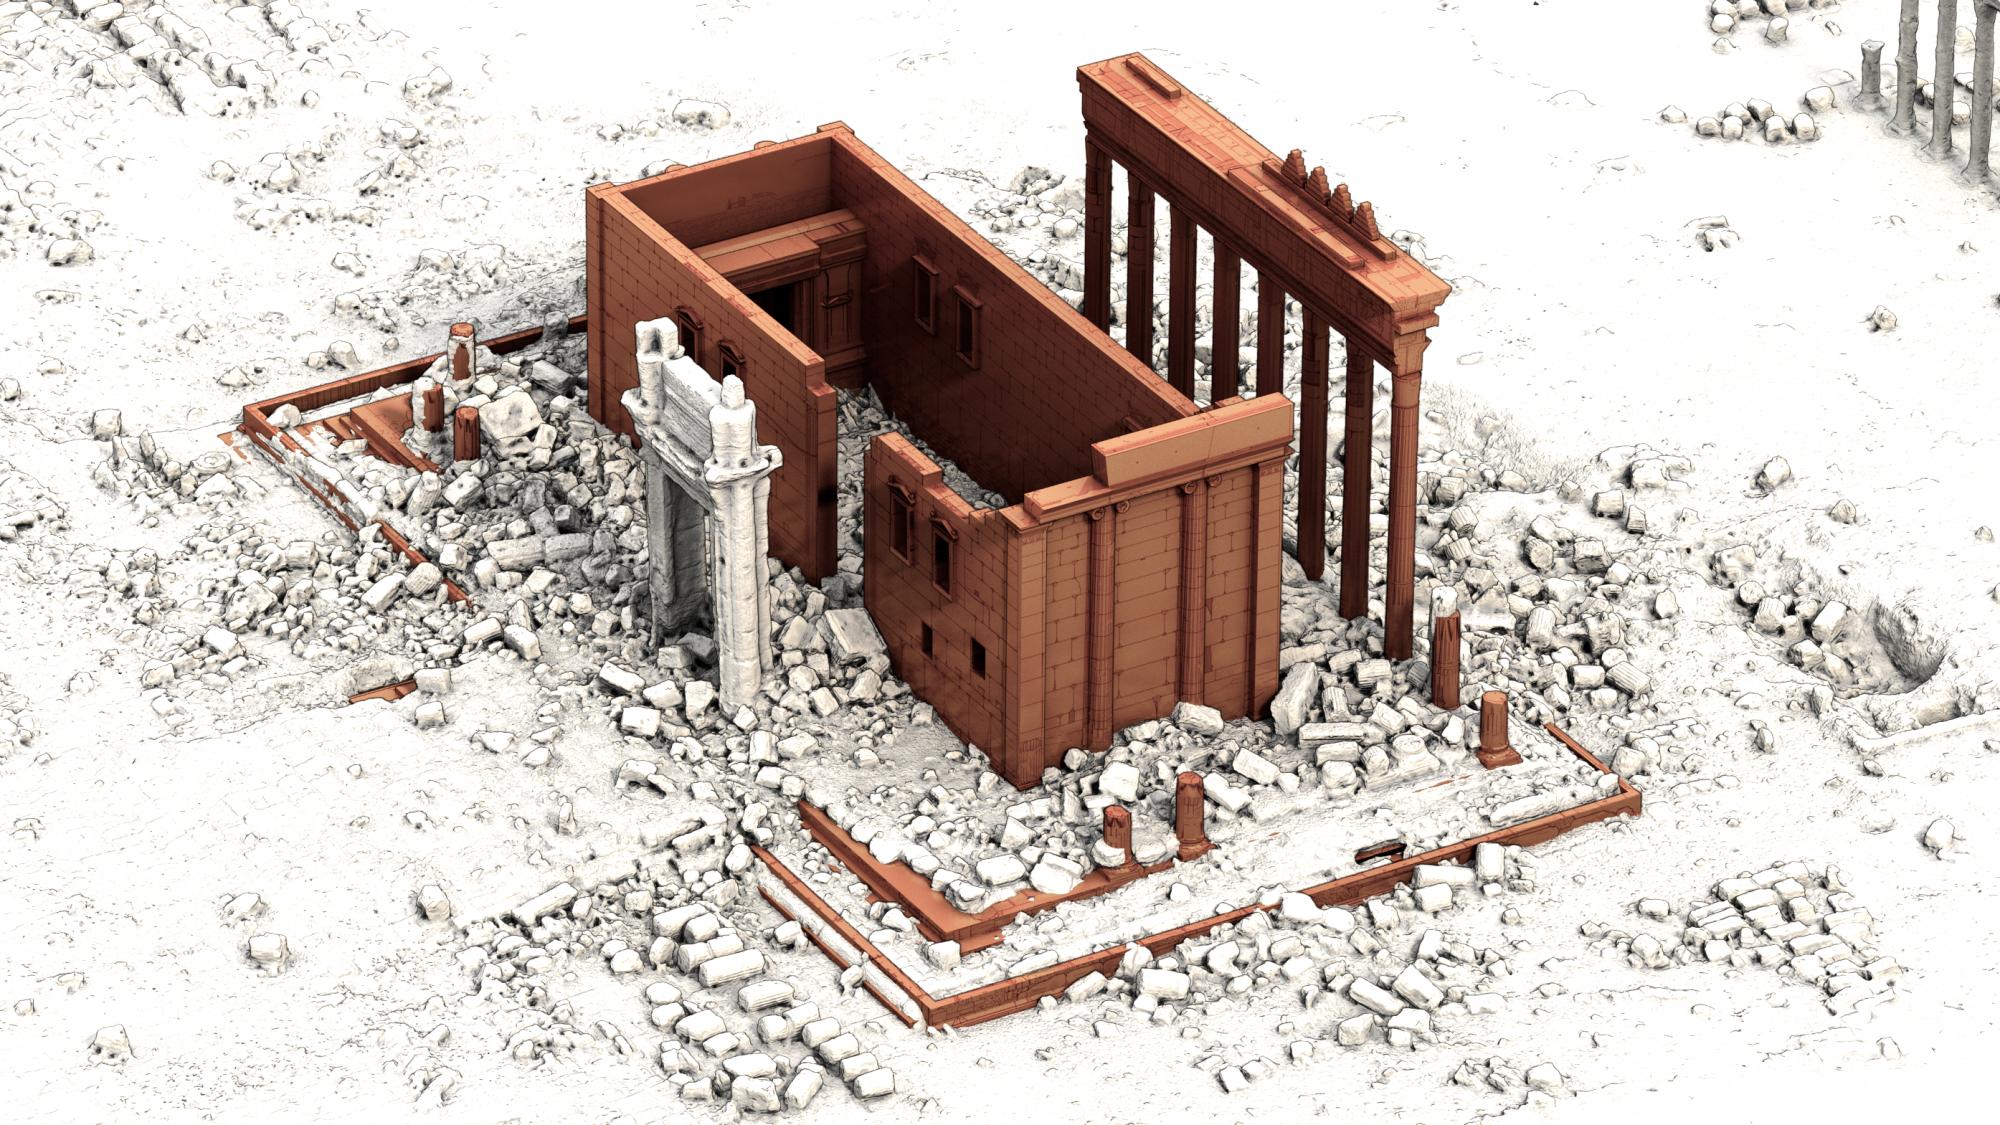 Infographie-de-la-reconstruction-3D-du-temple-de-Bêl-de-Palmyre-Syrie-après-sa-destruction-par-le-groupe-Etat-Islamique-©-Iconem-DGAM-2-2000x1125.v1575643189